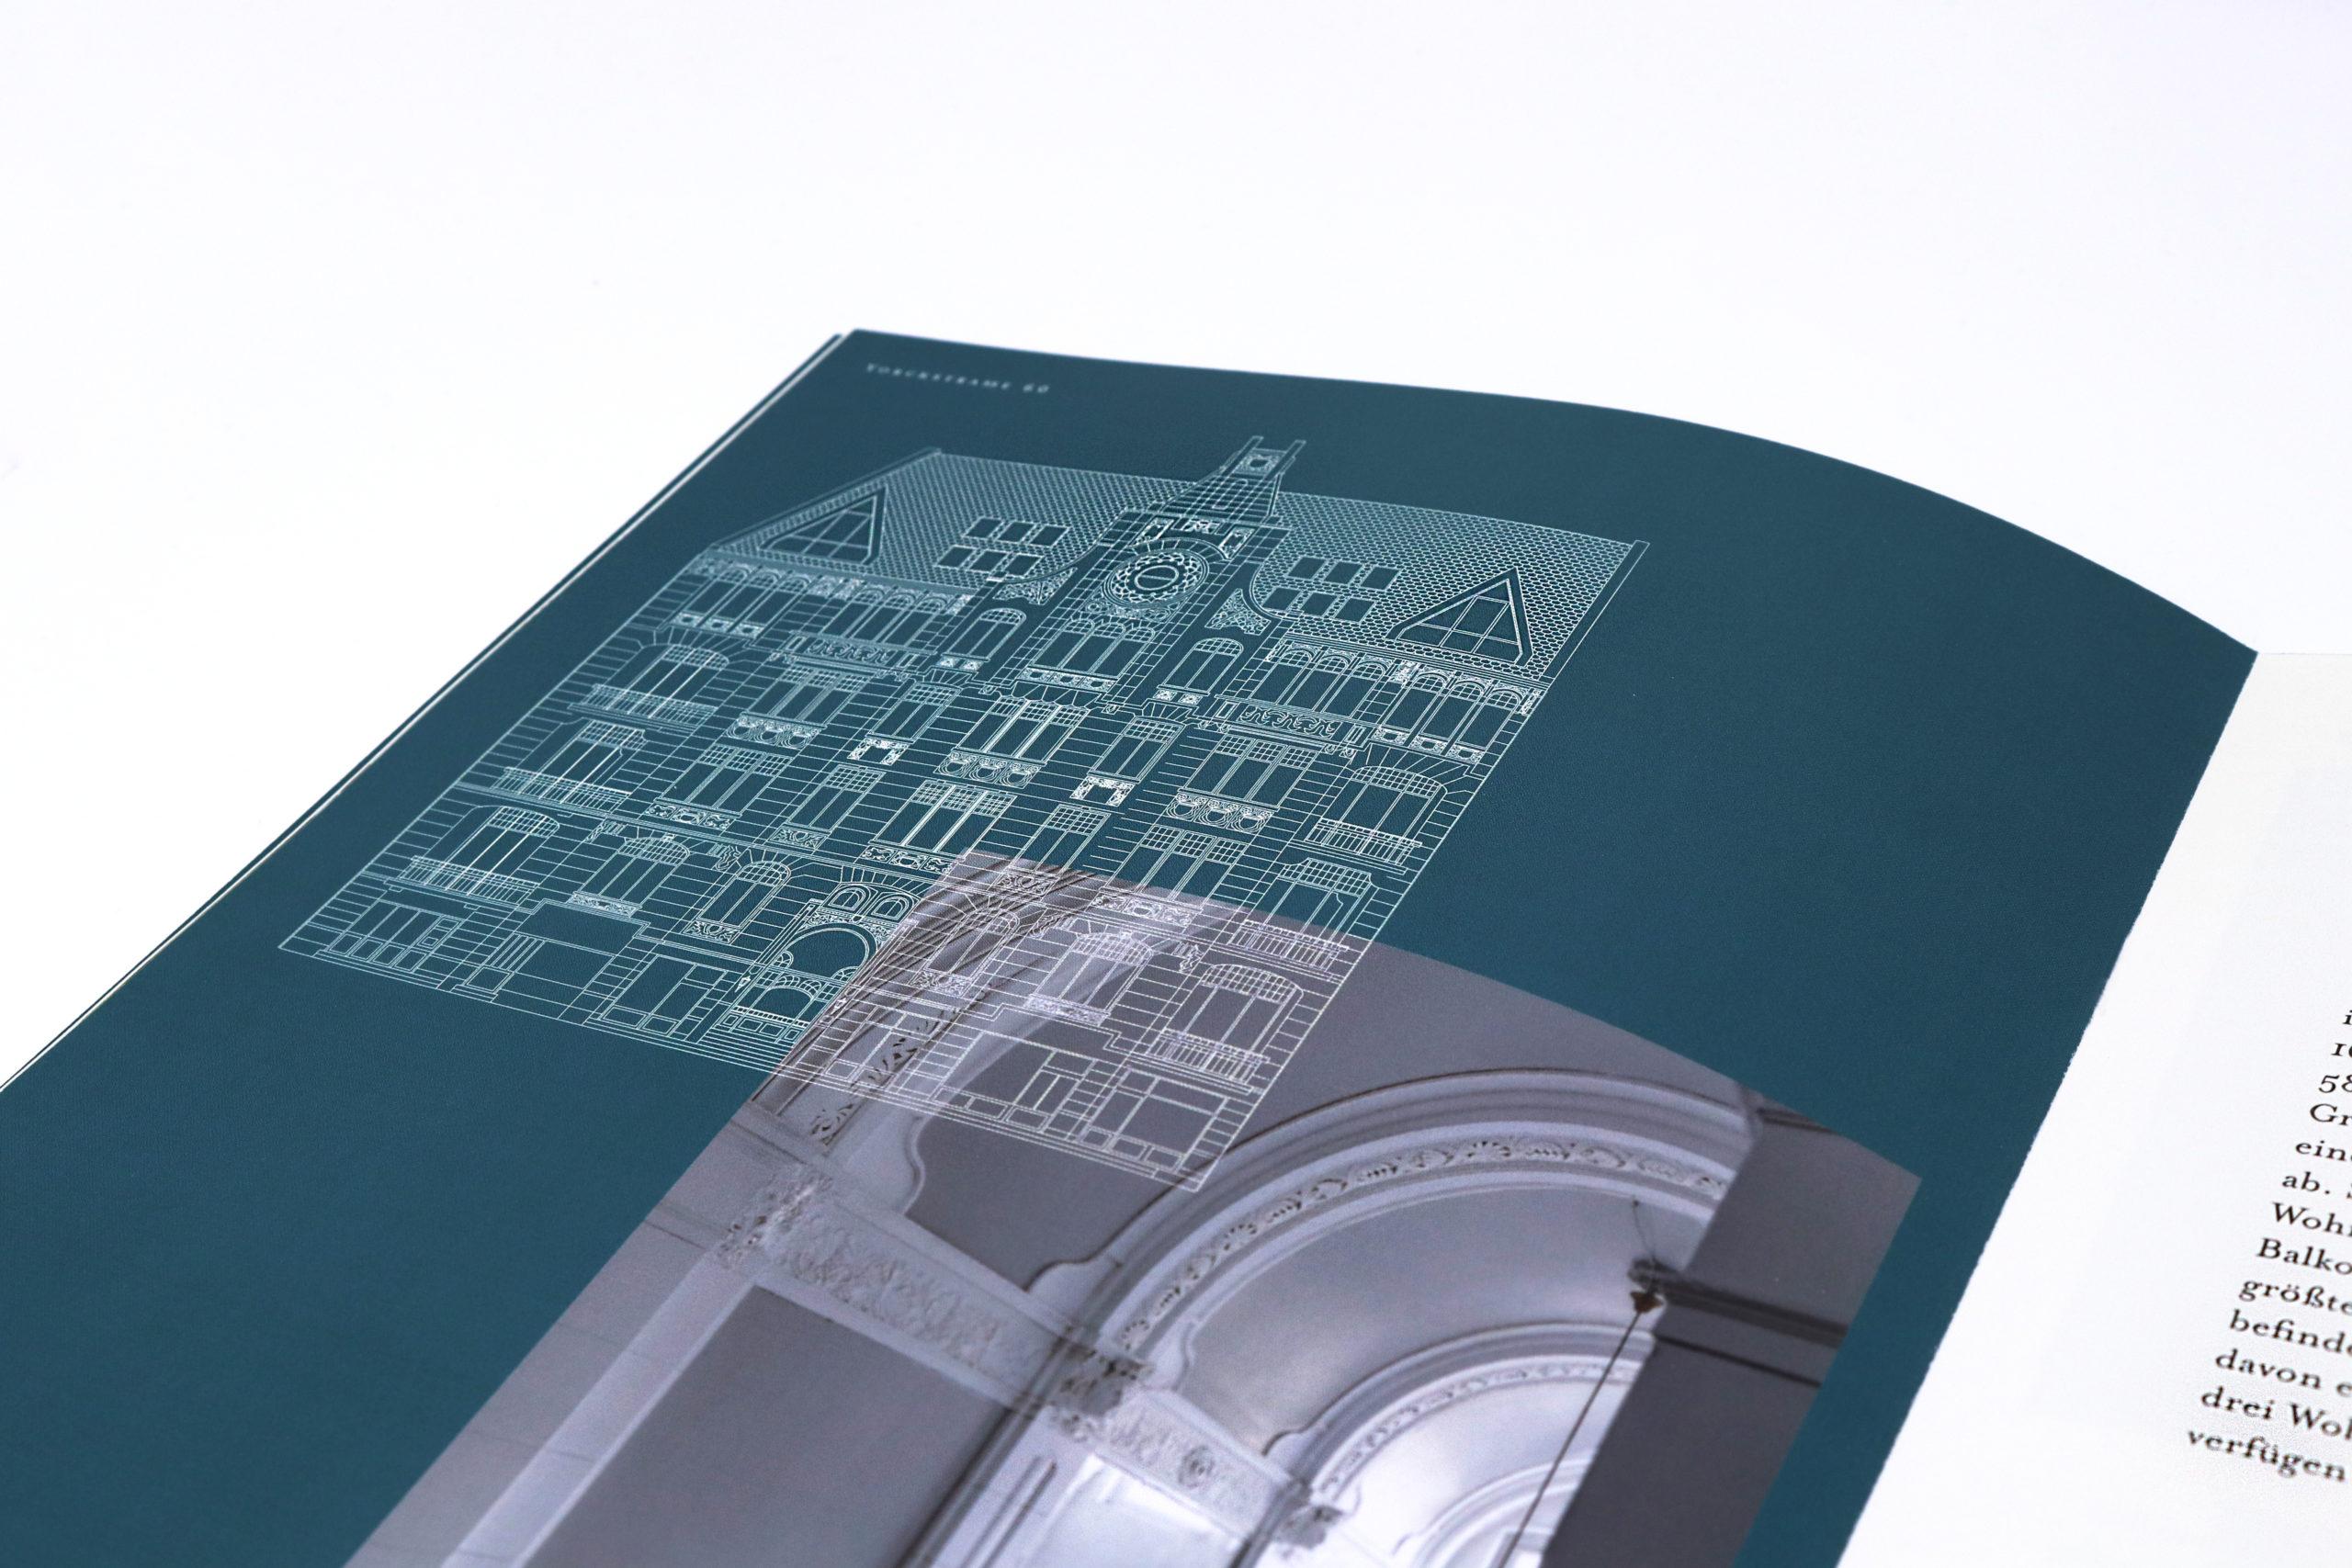 Corporate-Design-Trendcity-Immobilien-Broschüren-Yorckstrasse-4